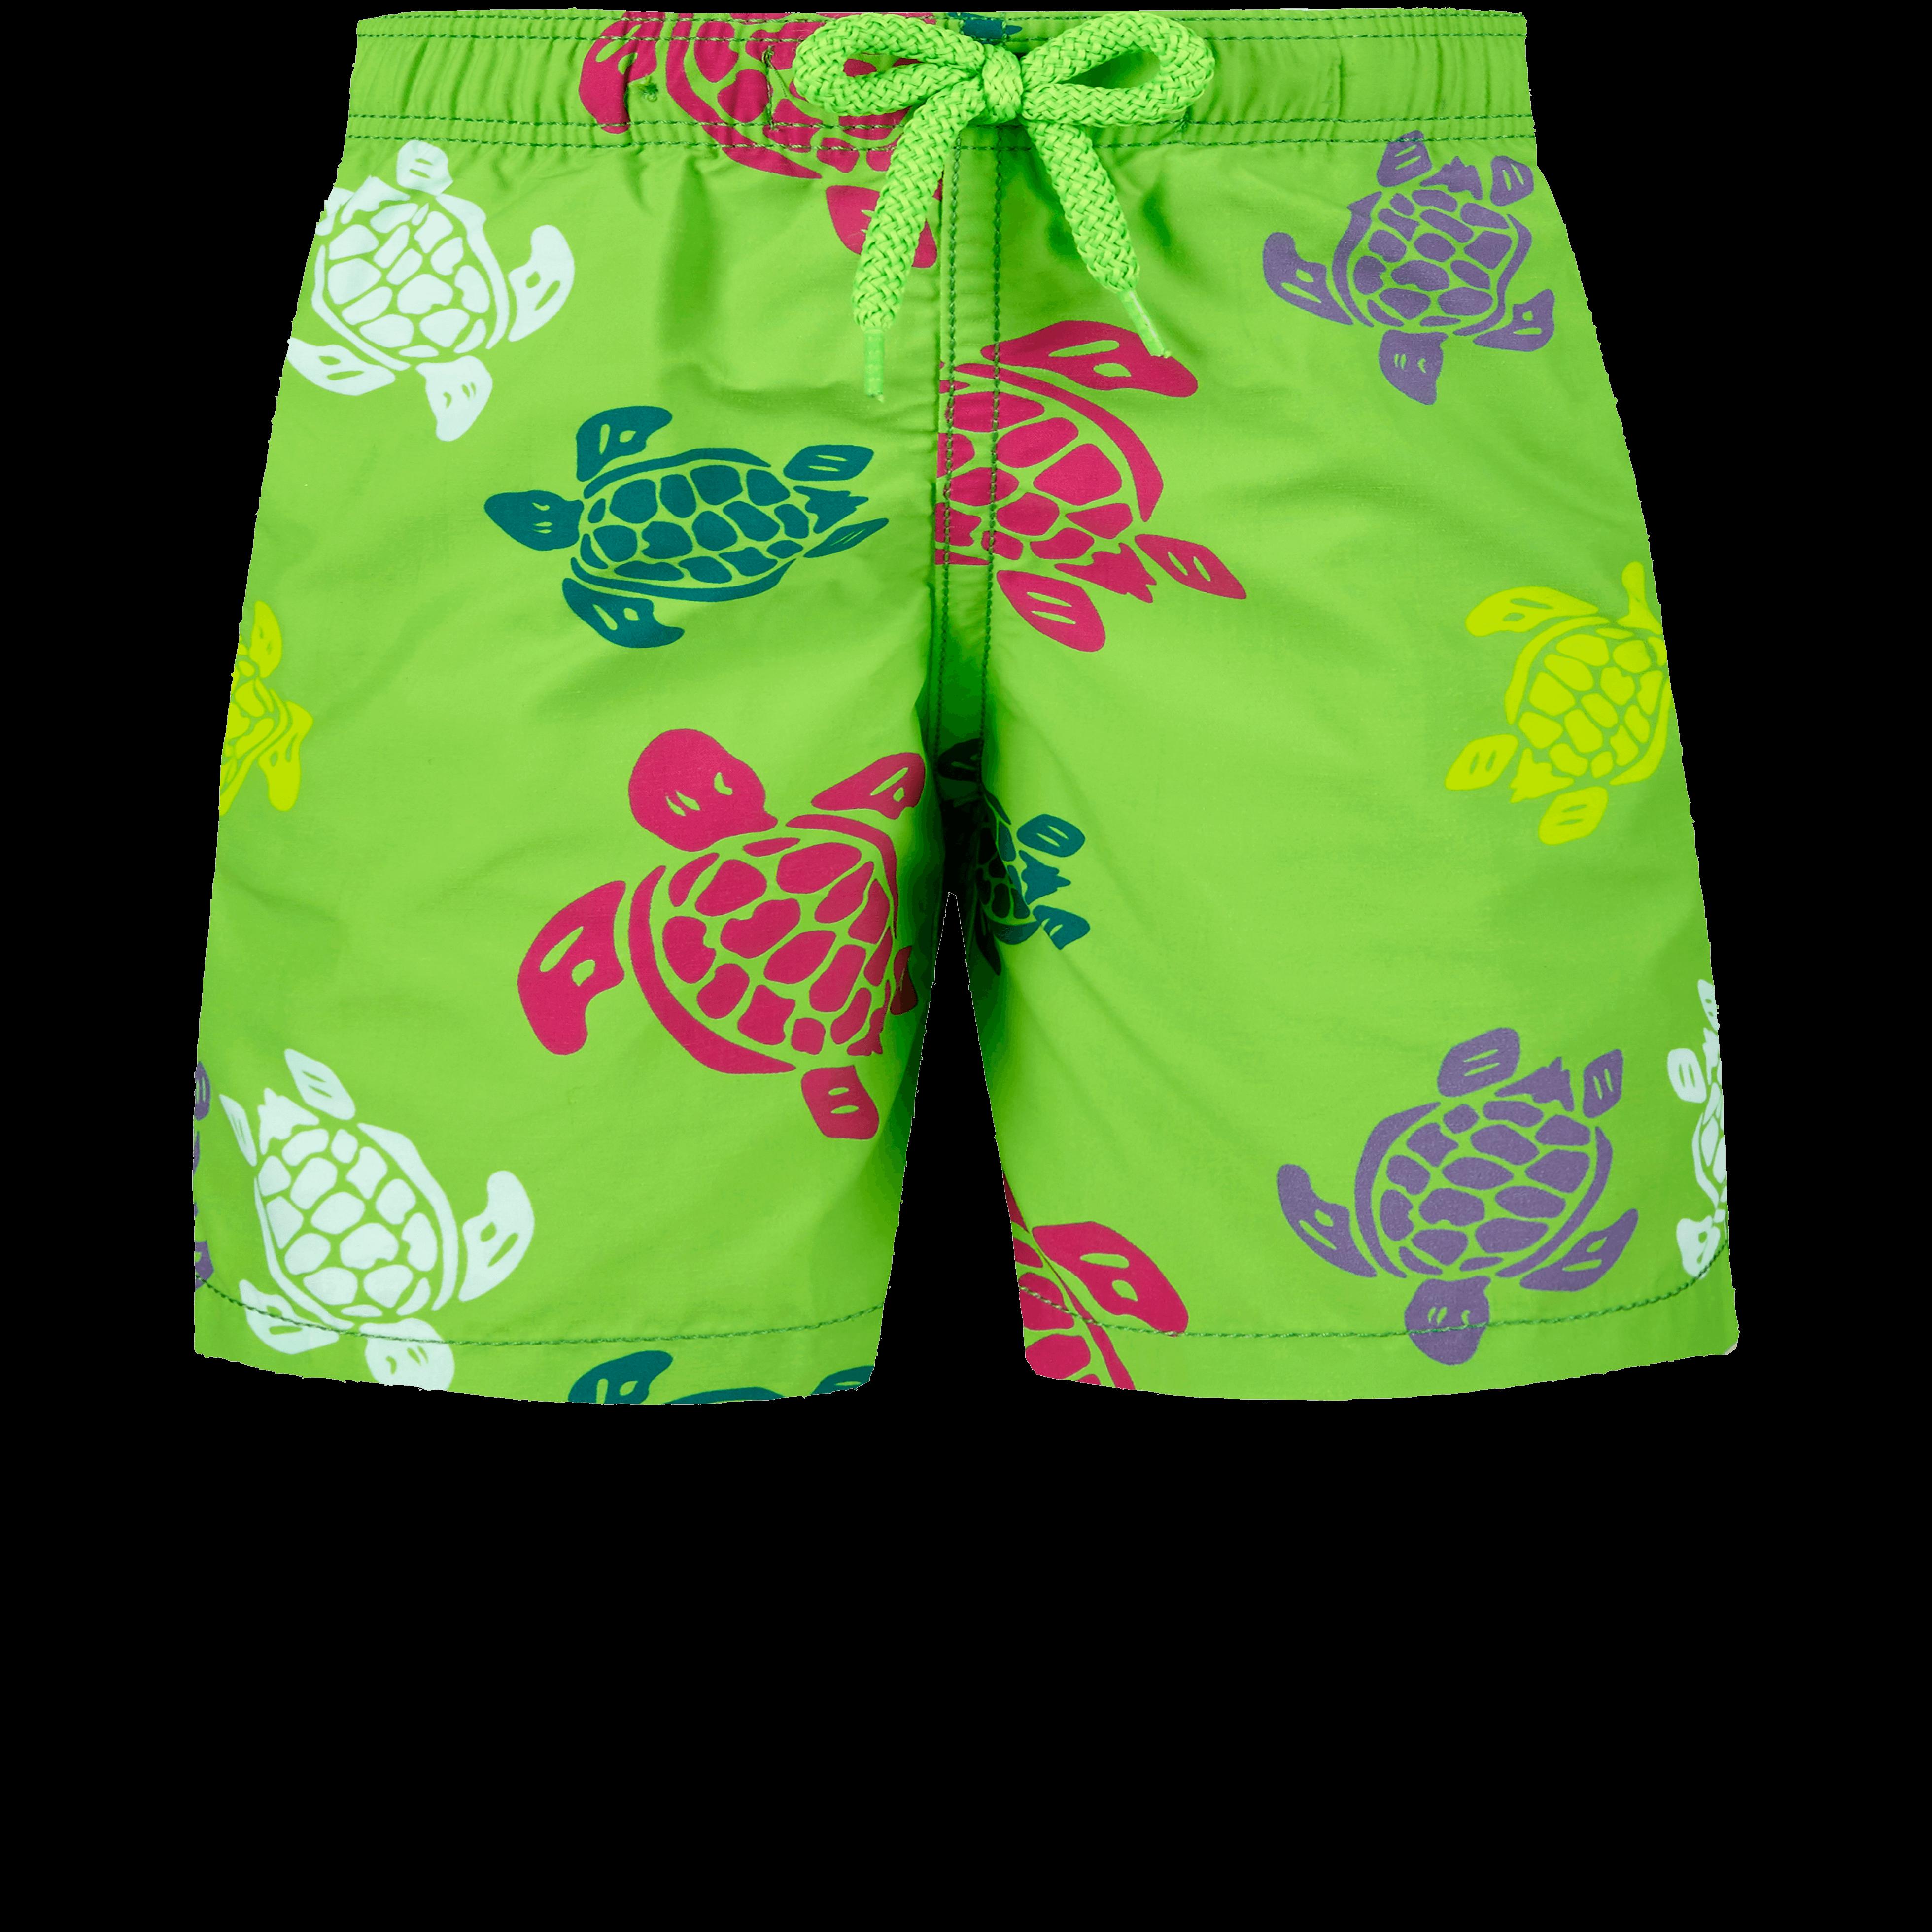 VILEBREQUIN | Boys Swimwear - Boys Swimwear Tortues Multicolores - SWIMMING TRUNK - JIM - Green - 14 - Vilebrequin | Goxip